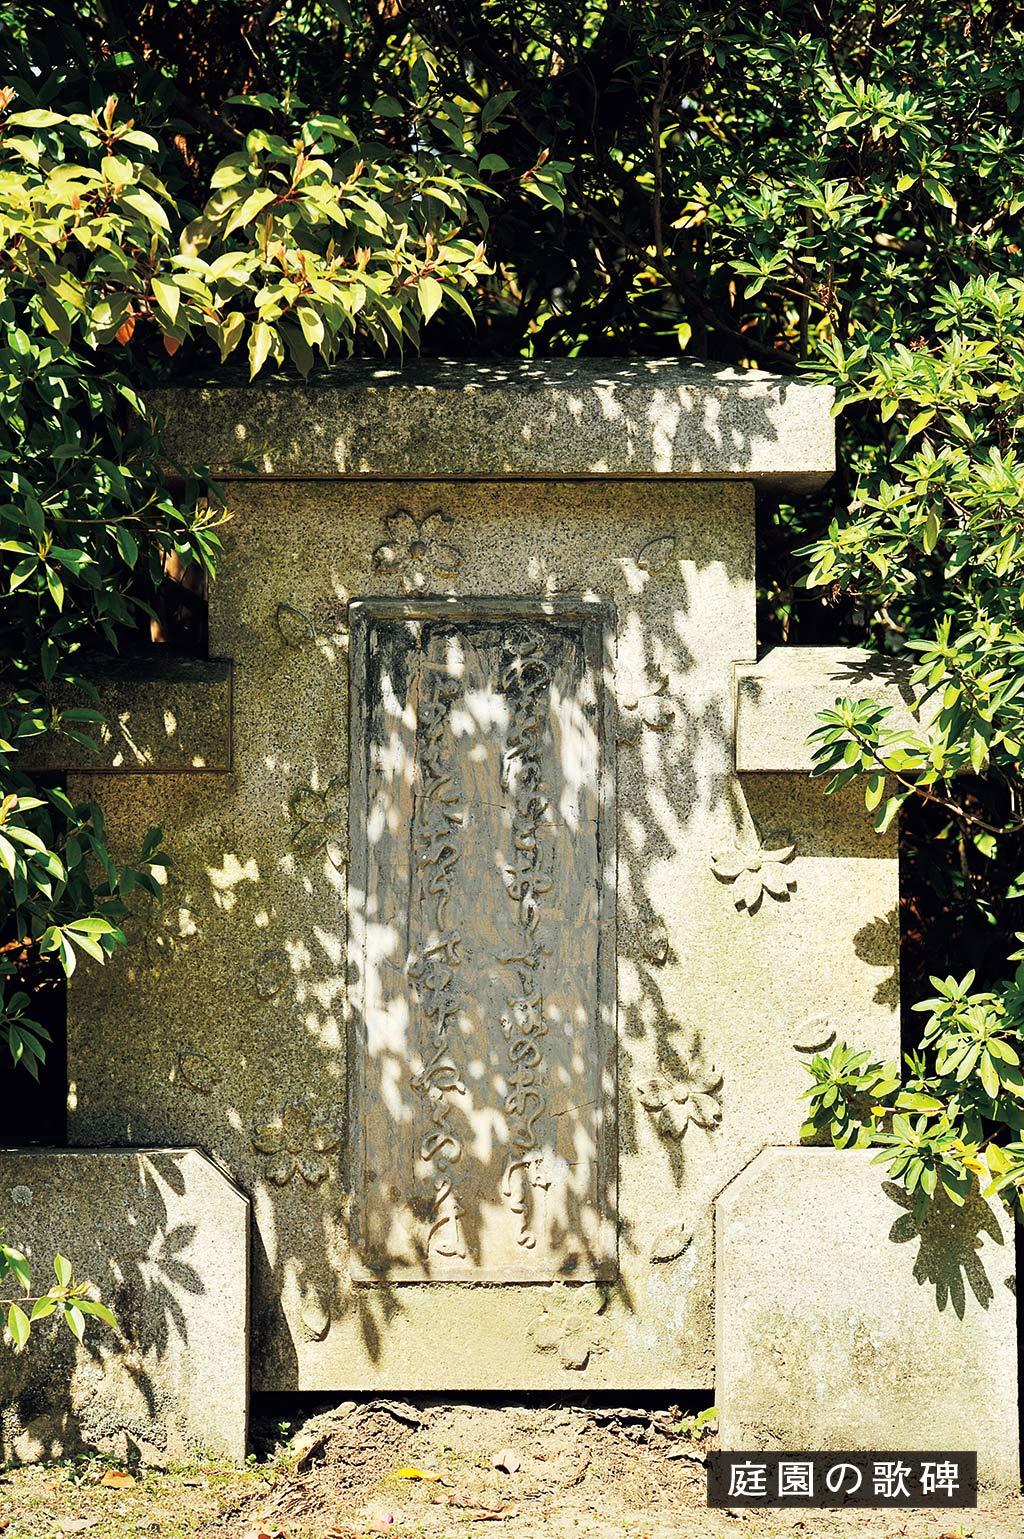 歎異抄の旅①[京都編]『歎異抄』ゆかりの地を歩むの画像7